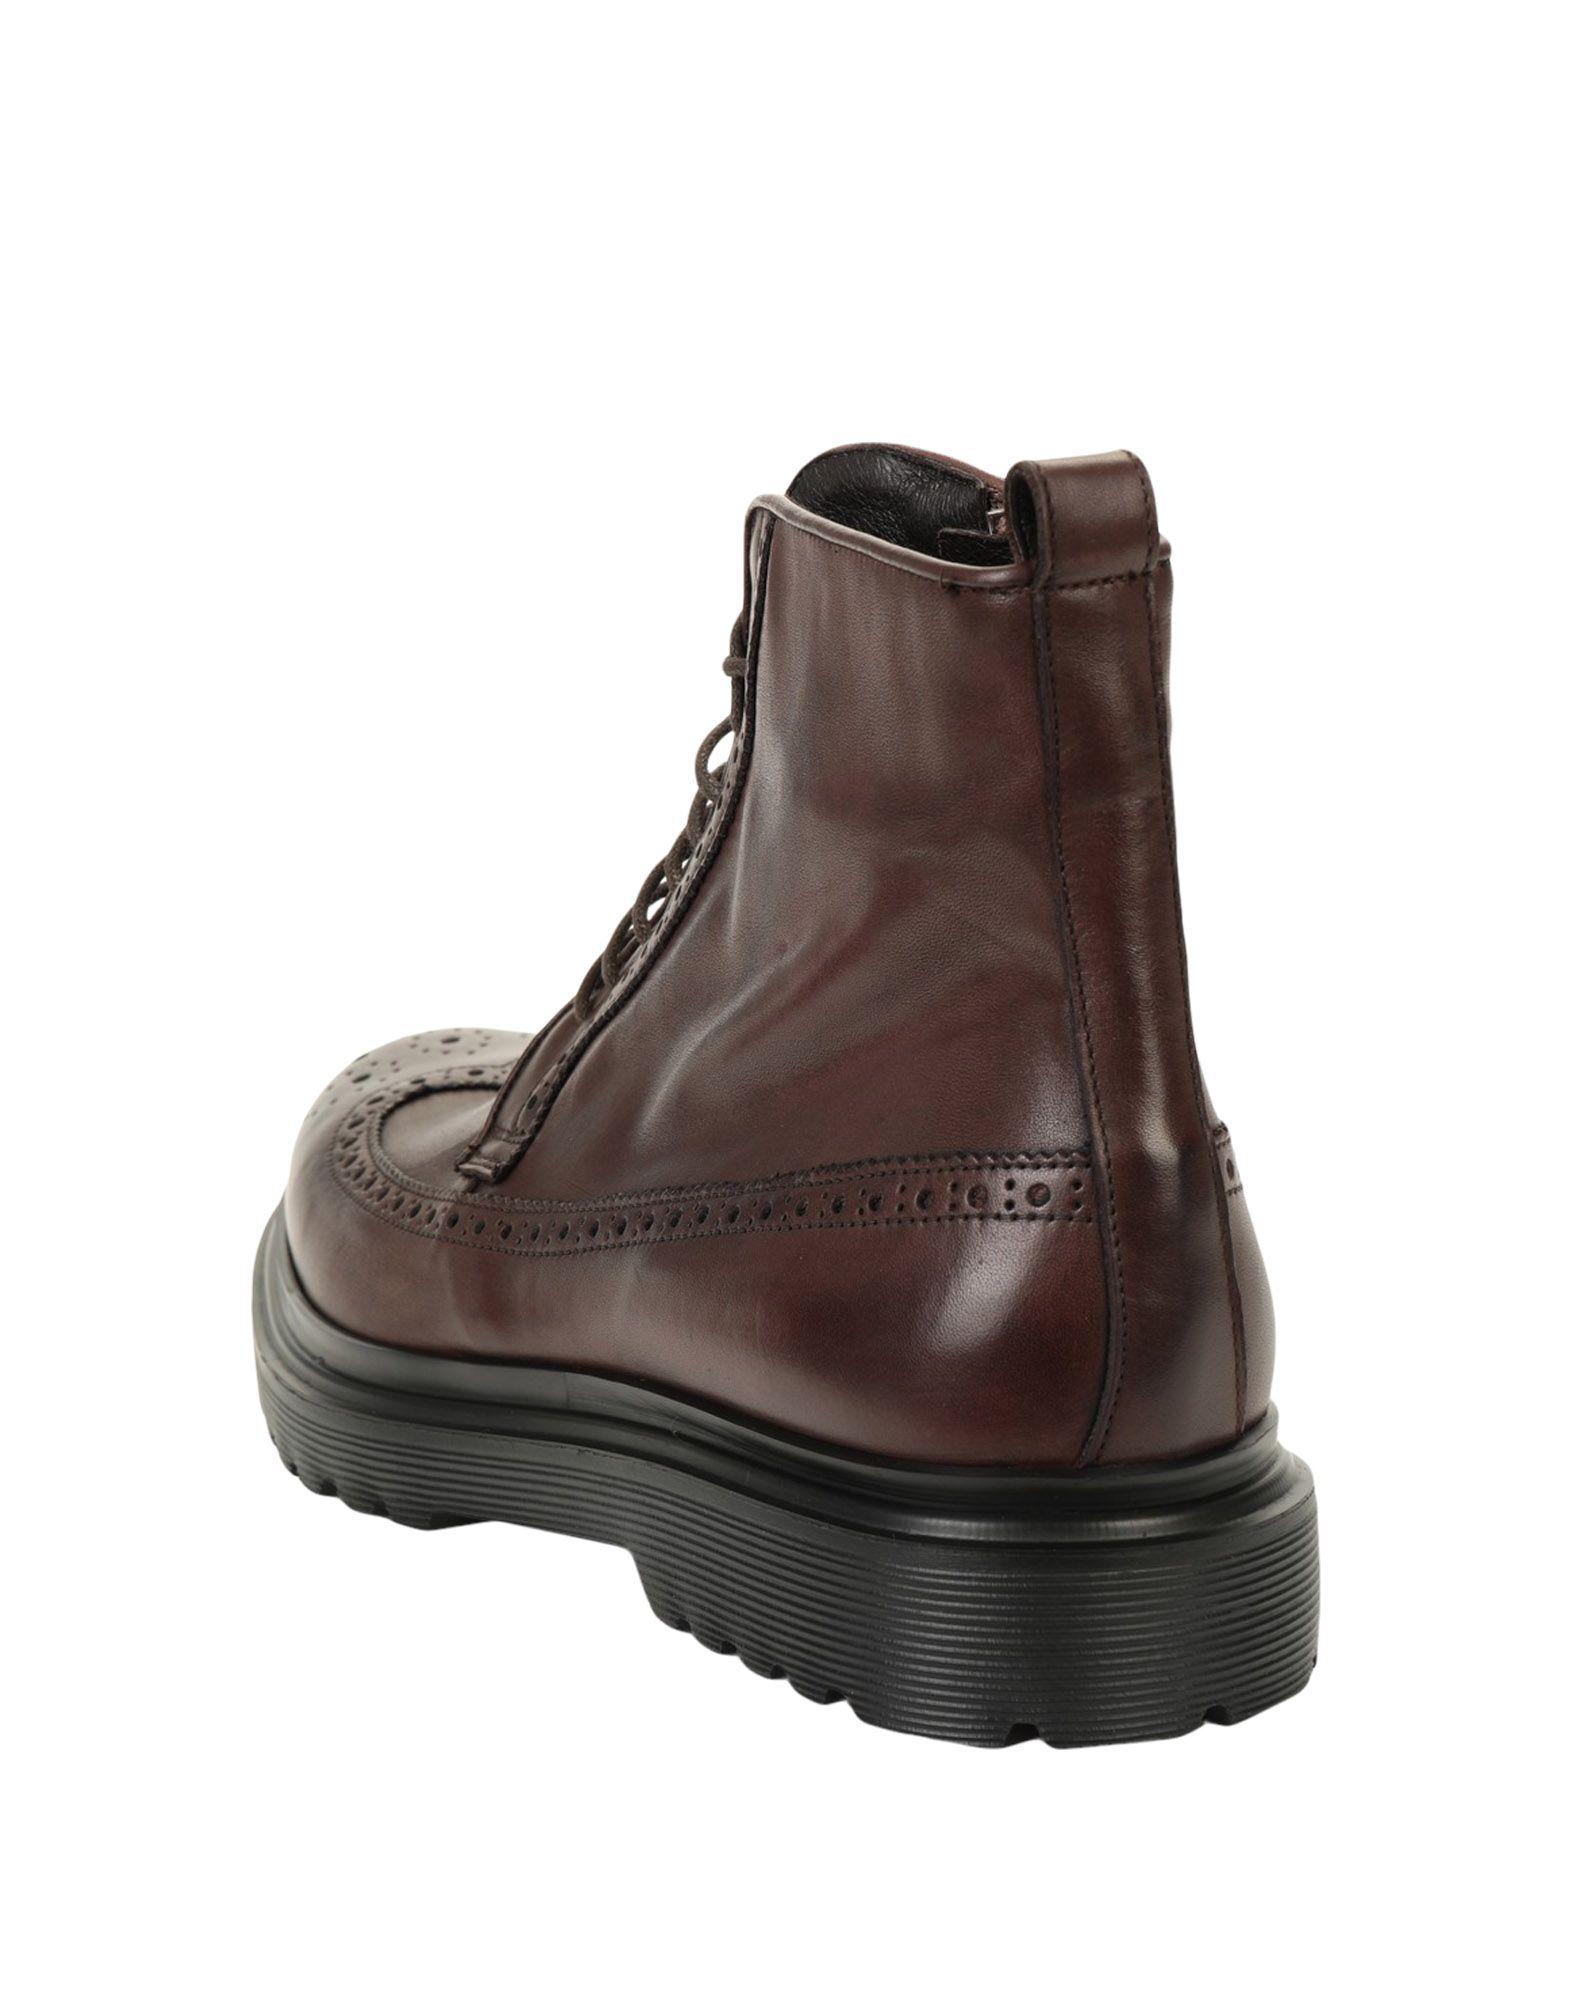 Maldini Stiefelette Herren  11537970PL Gute Qualität beliebte Schuhe